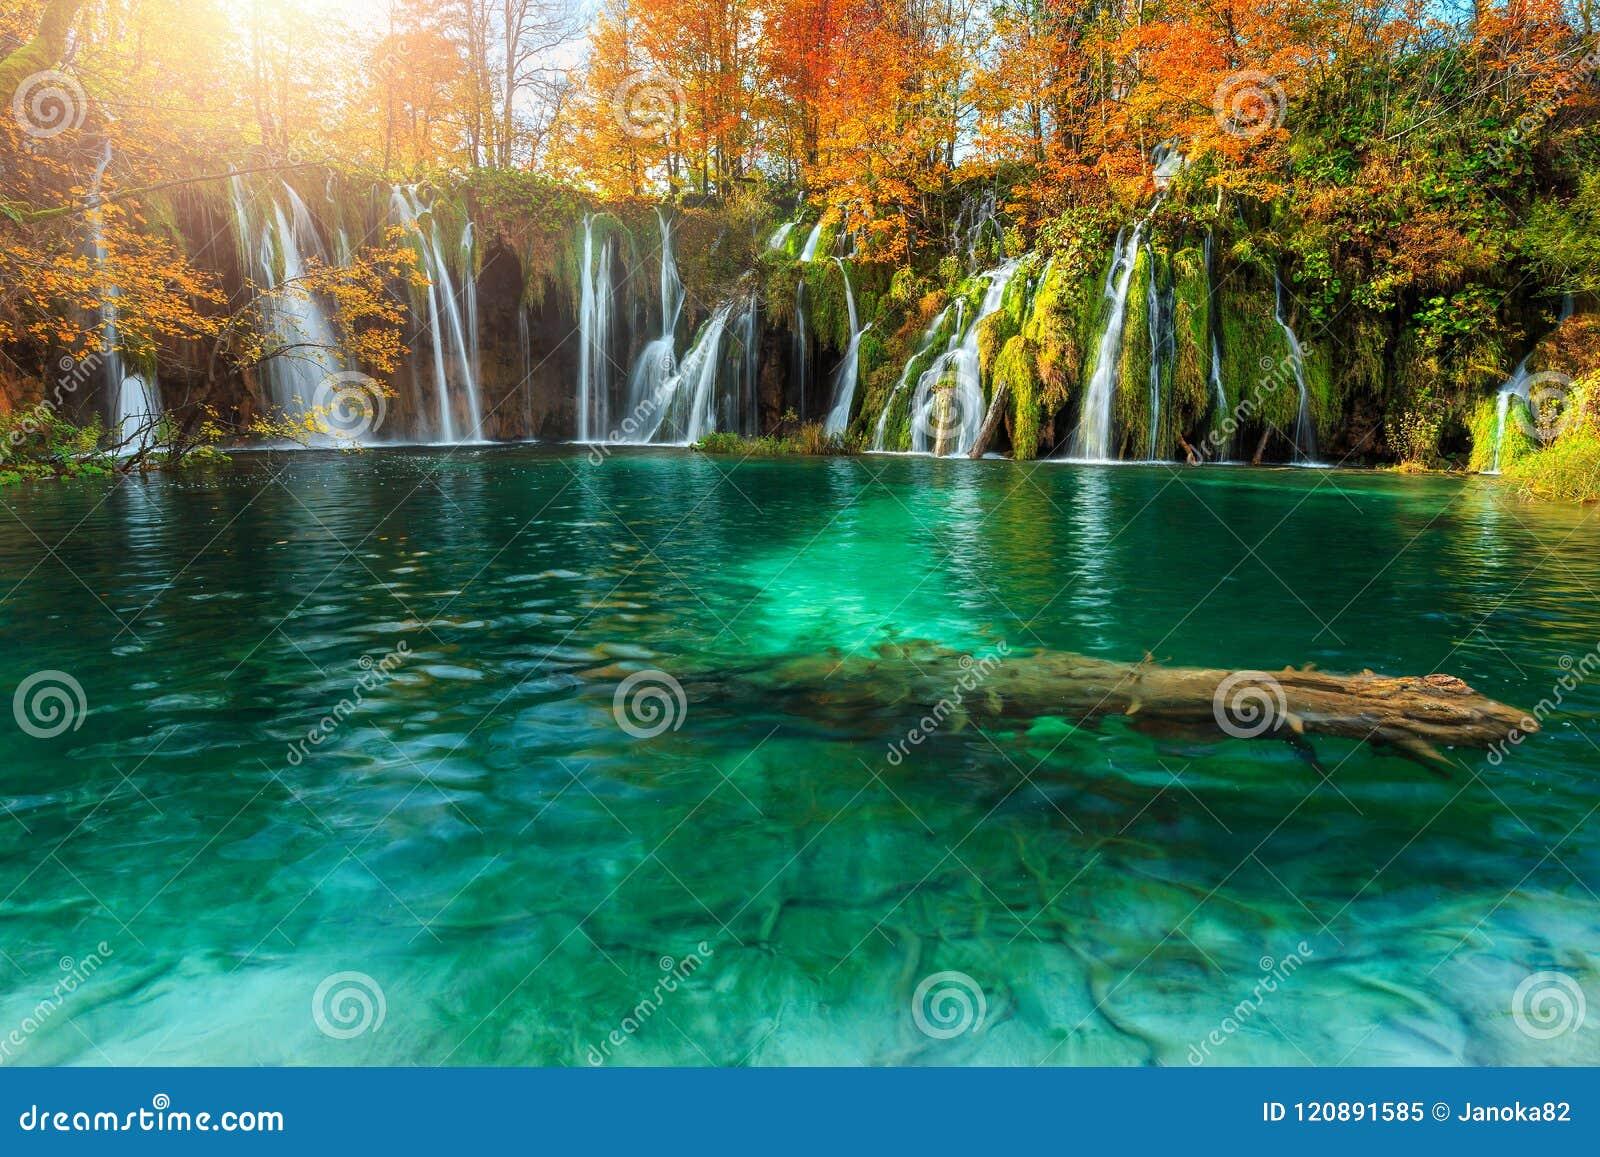 Καταπληκτικό τοπίο φθινοπώρου με τους καταρράκτες στο εθνικό πάρκο Plitvice, Κροατία